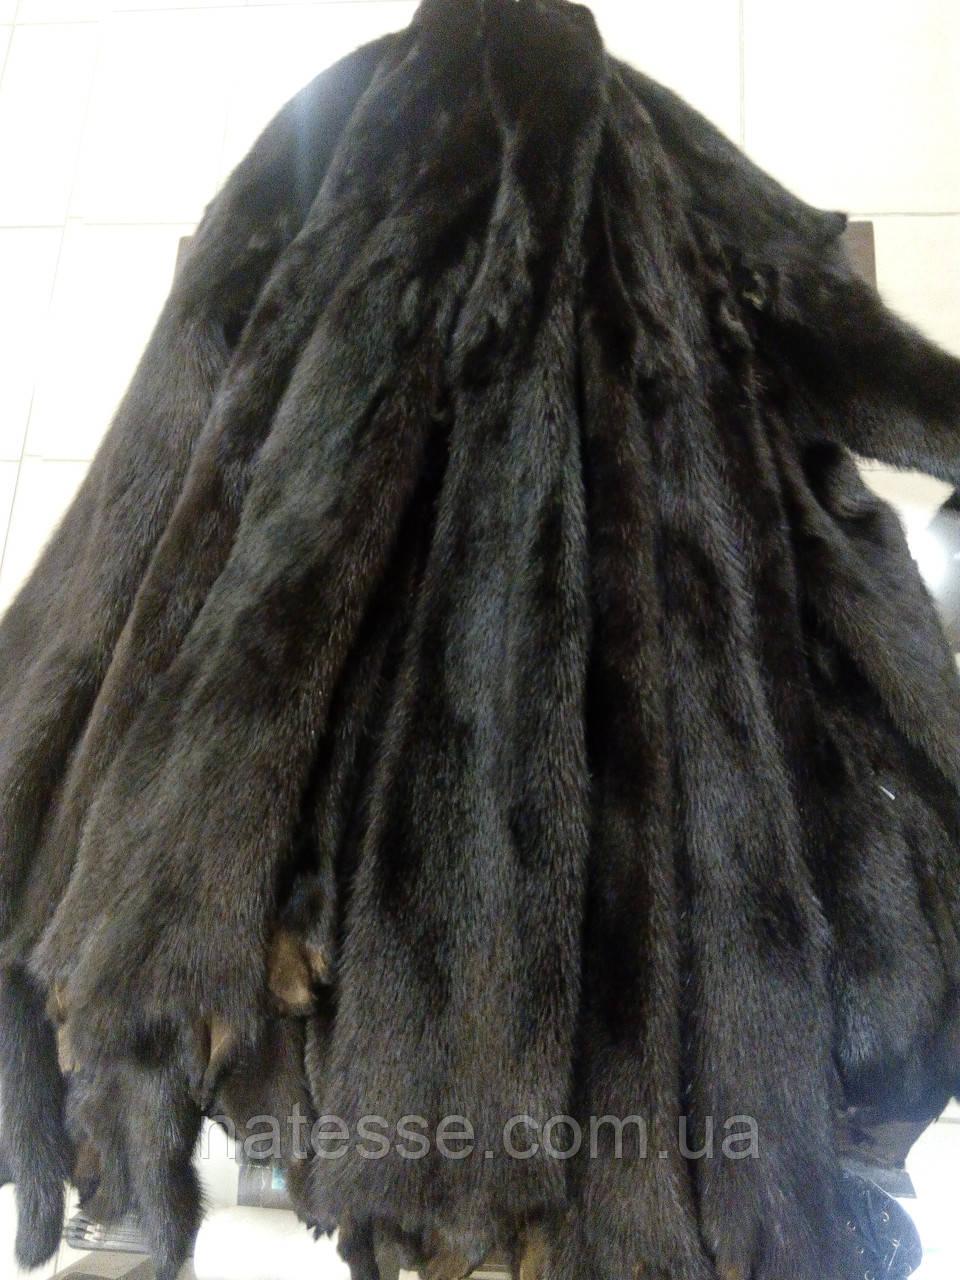 Шкури шкурки хутро норки самки чорні фарбовані (Данія) середній ворс, довжина 50-55 см